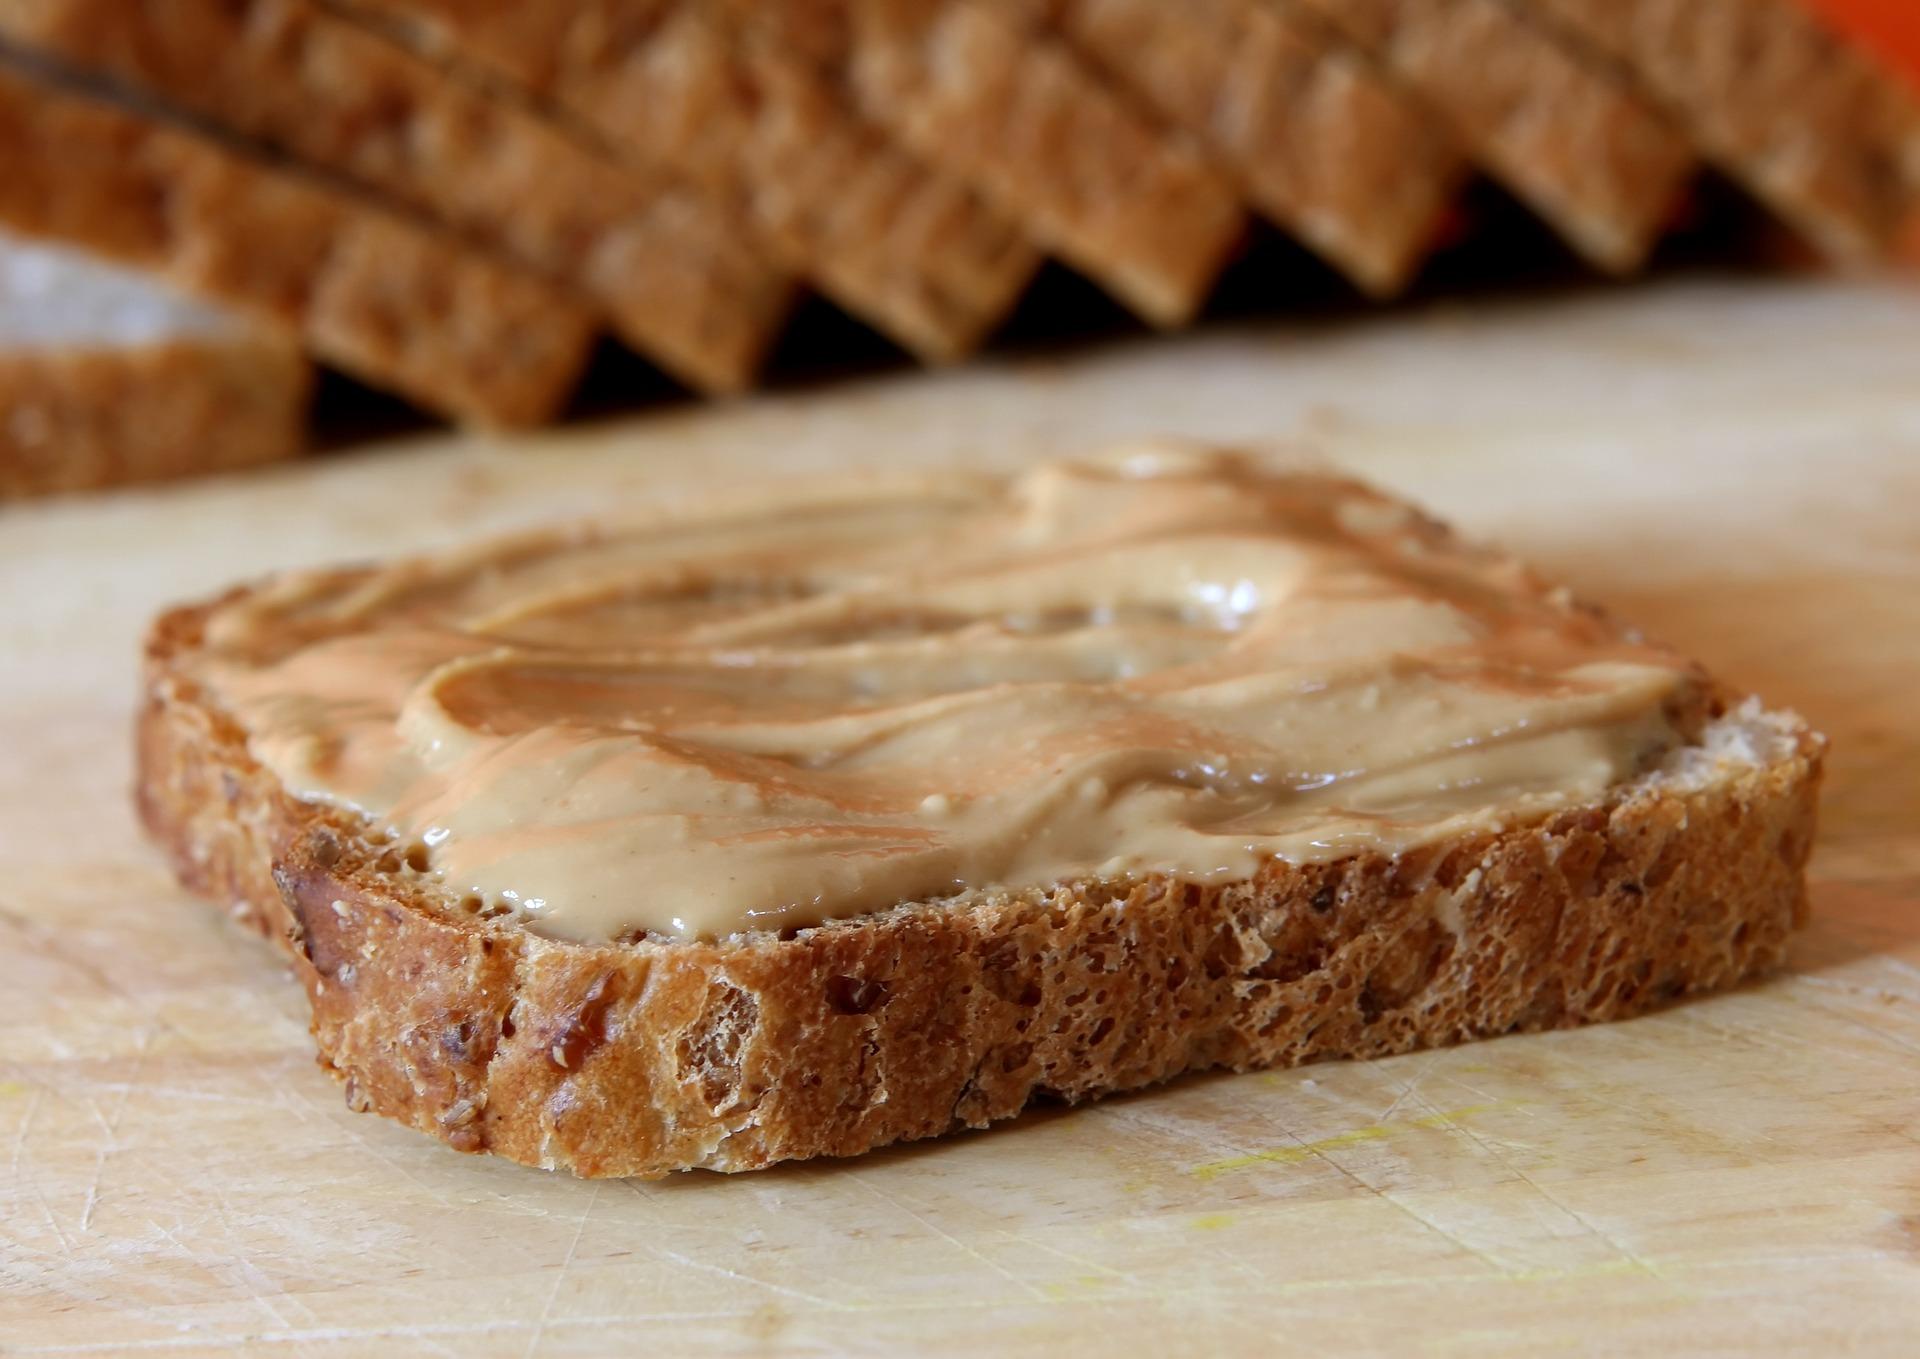 Peanut butter toast protein